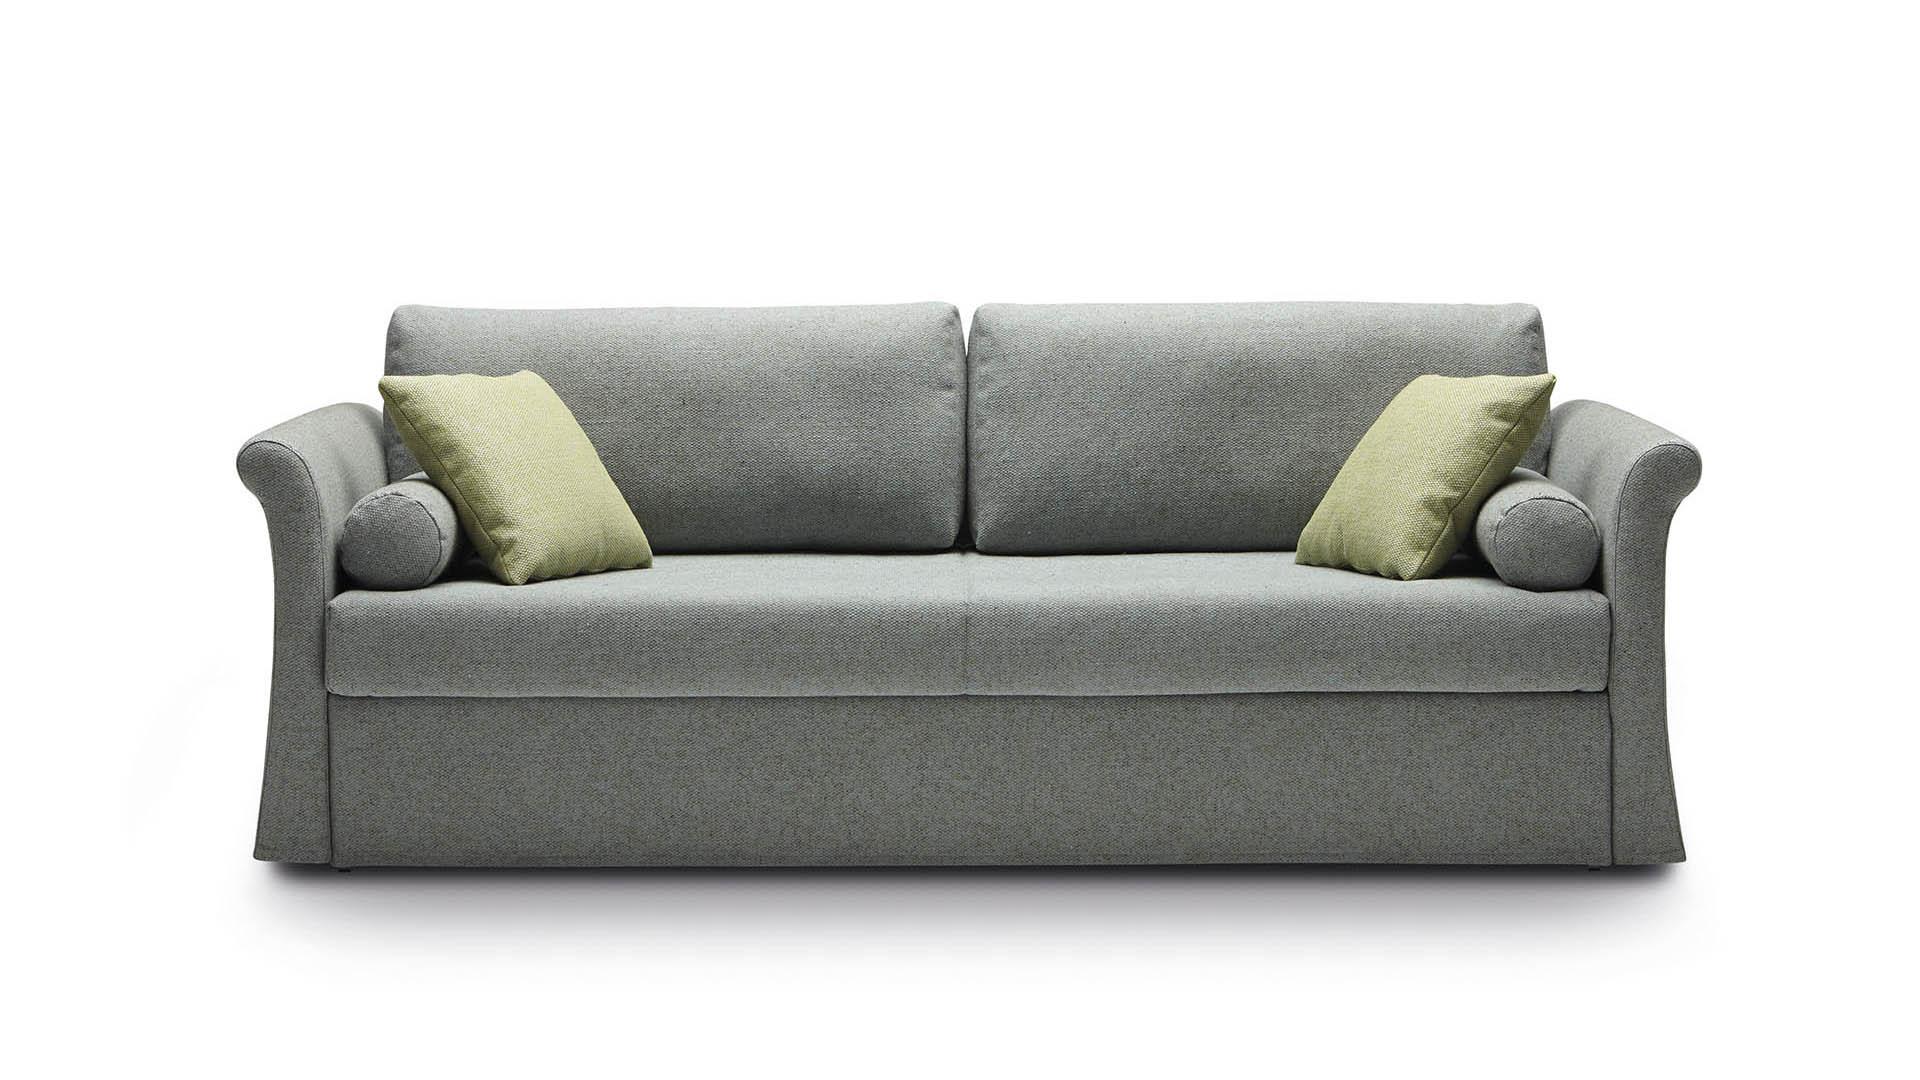 milano bedding divano letto jack classic. Black Bedroom Furniture Sets. Home Design Ideas